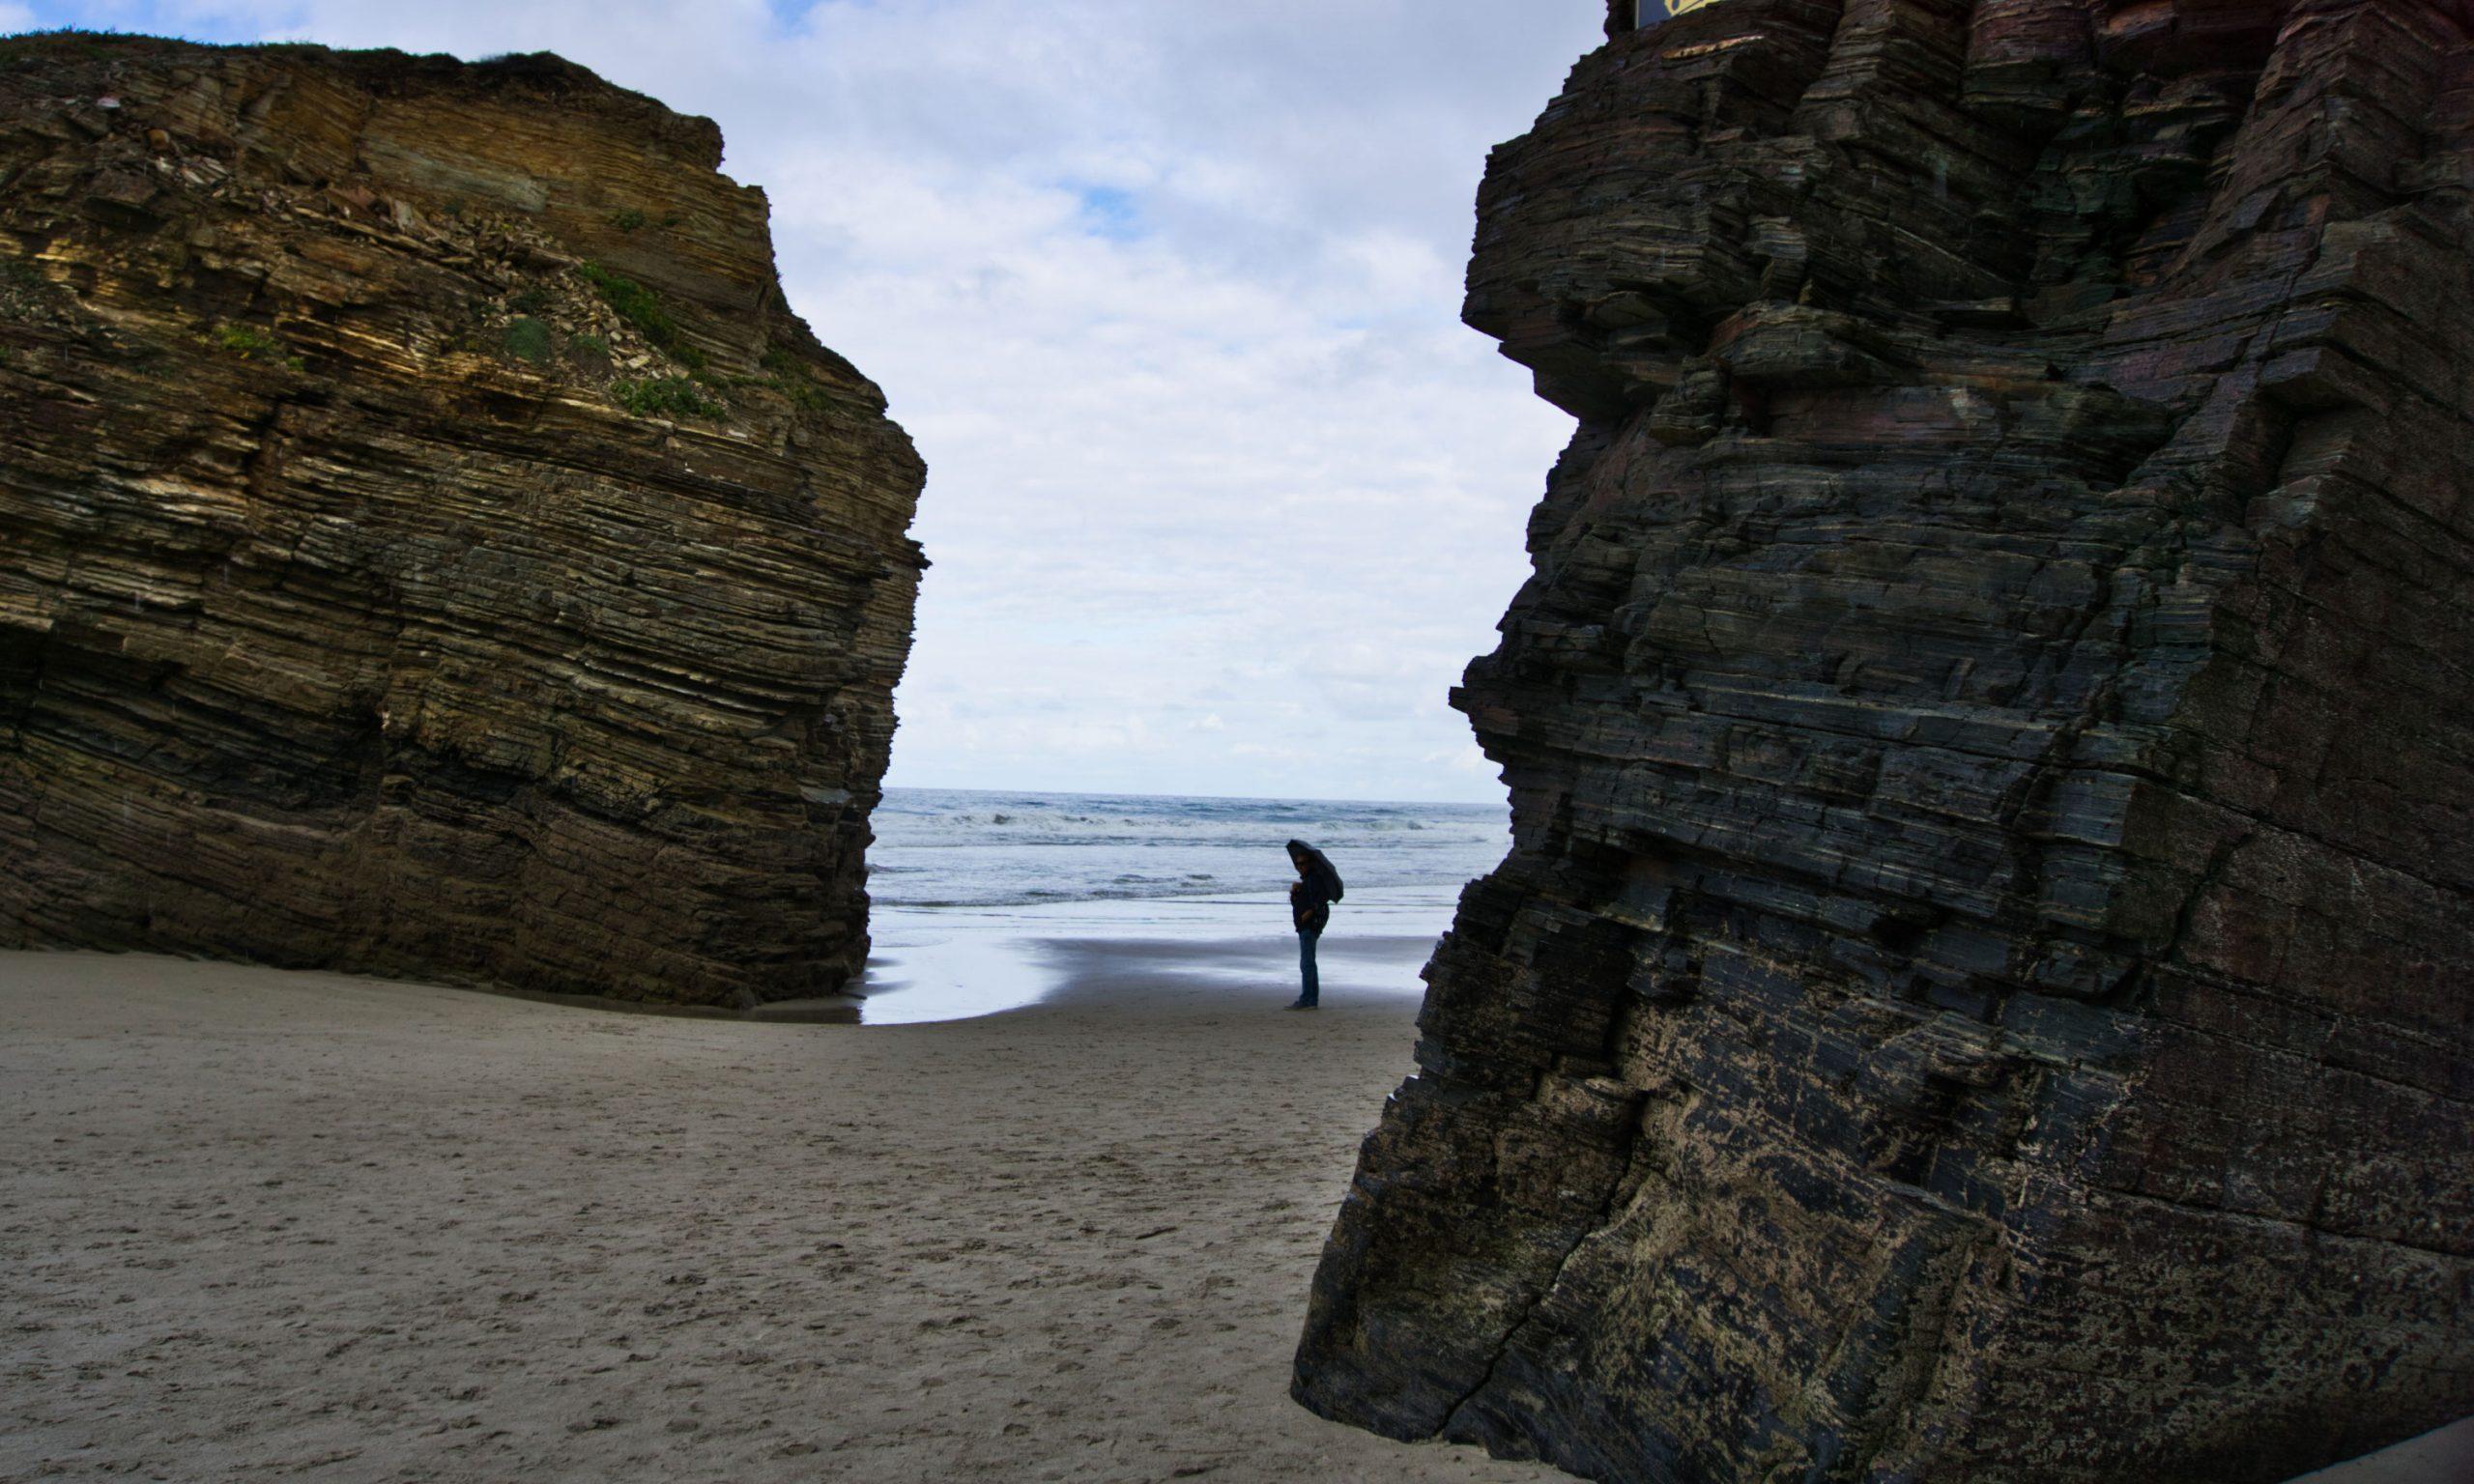 човек с чадър на плажа